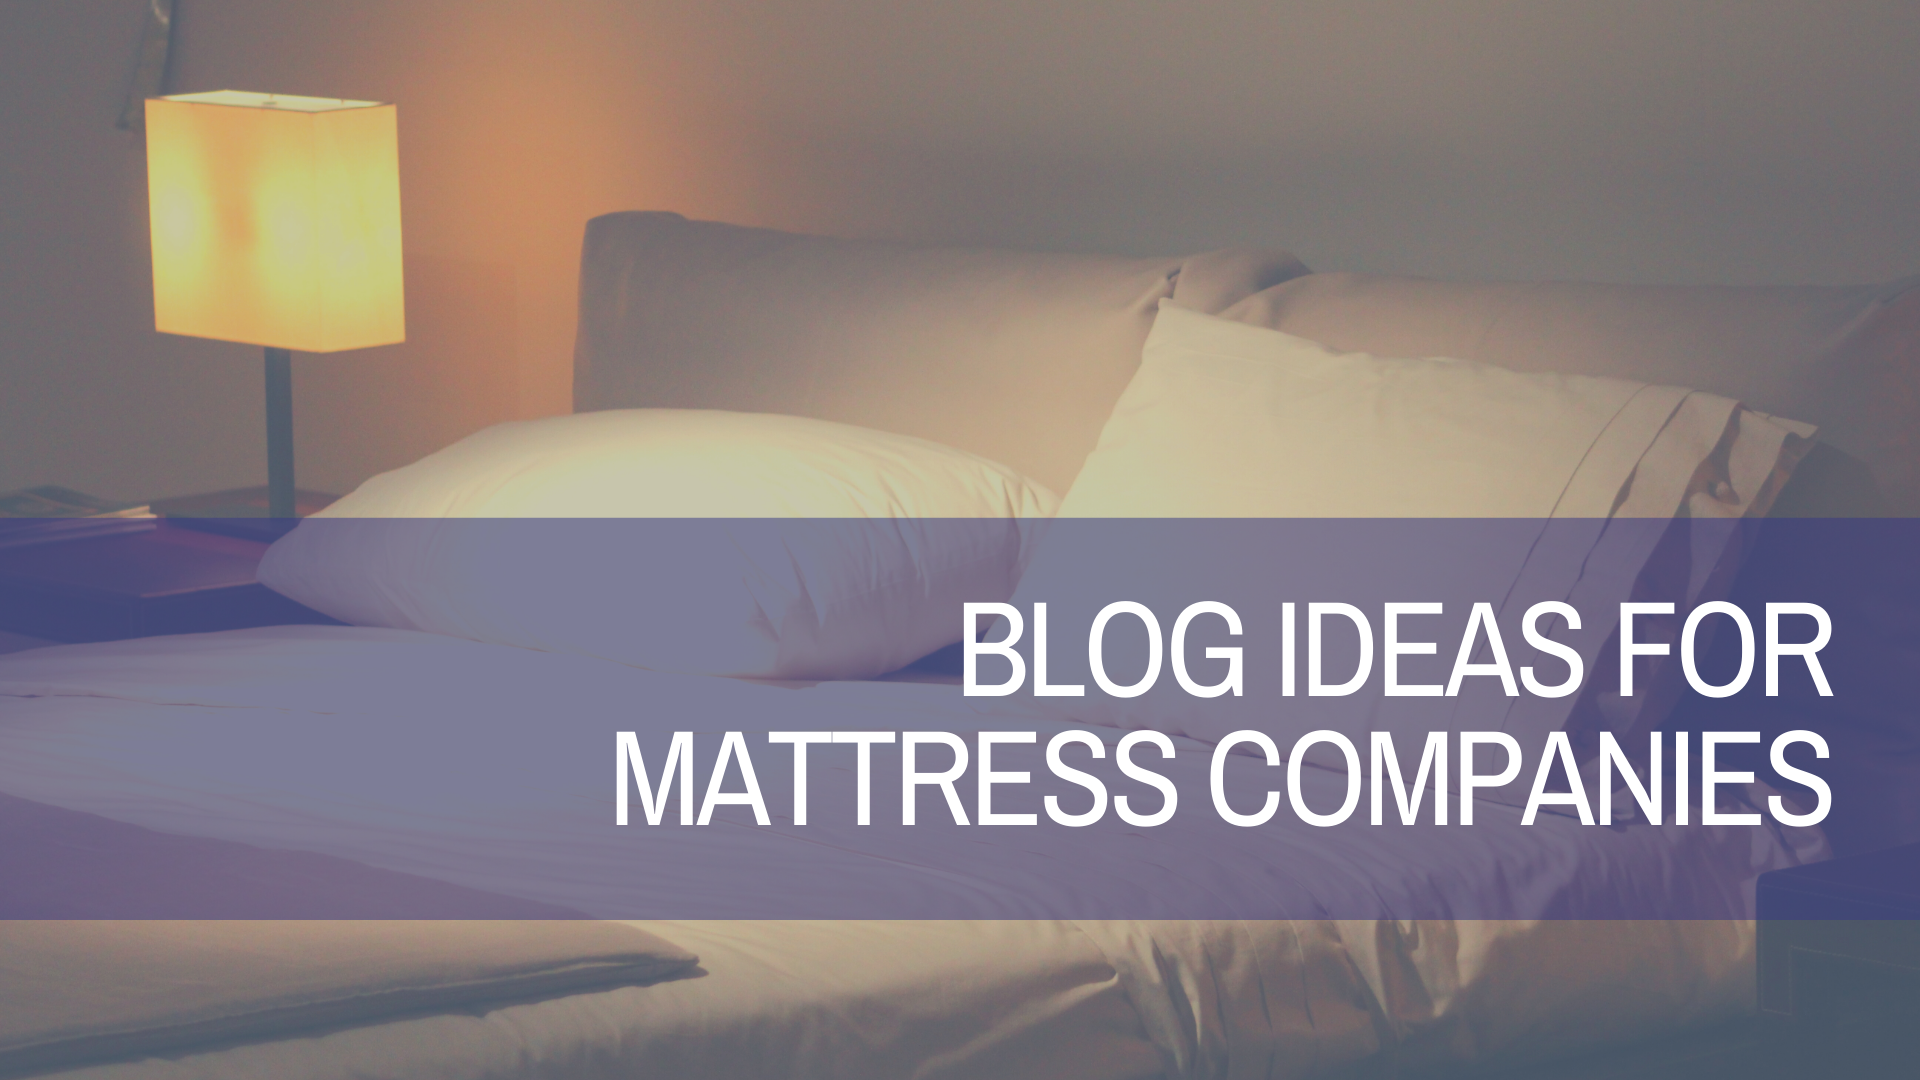 Blog Ideas for Mattress Companies